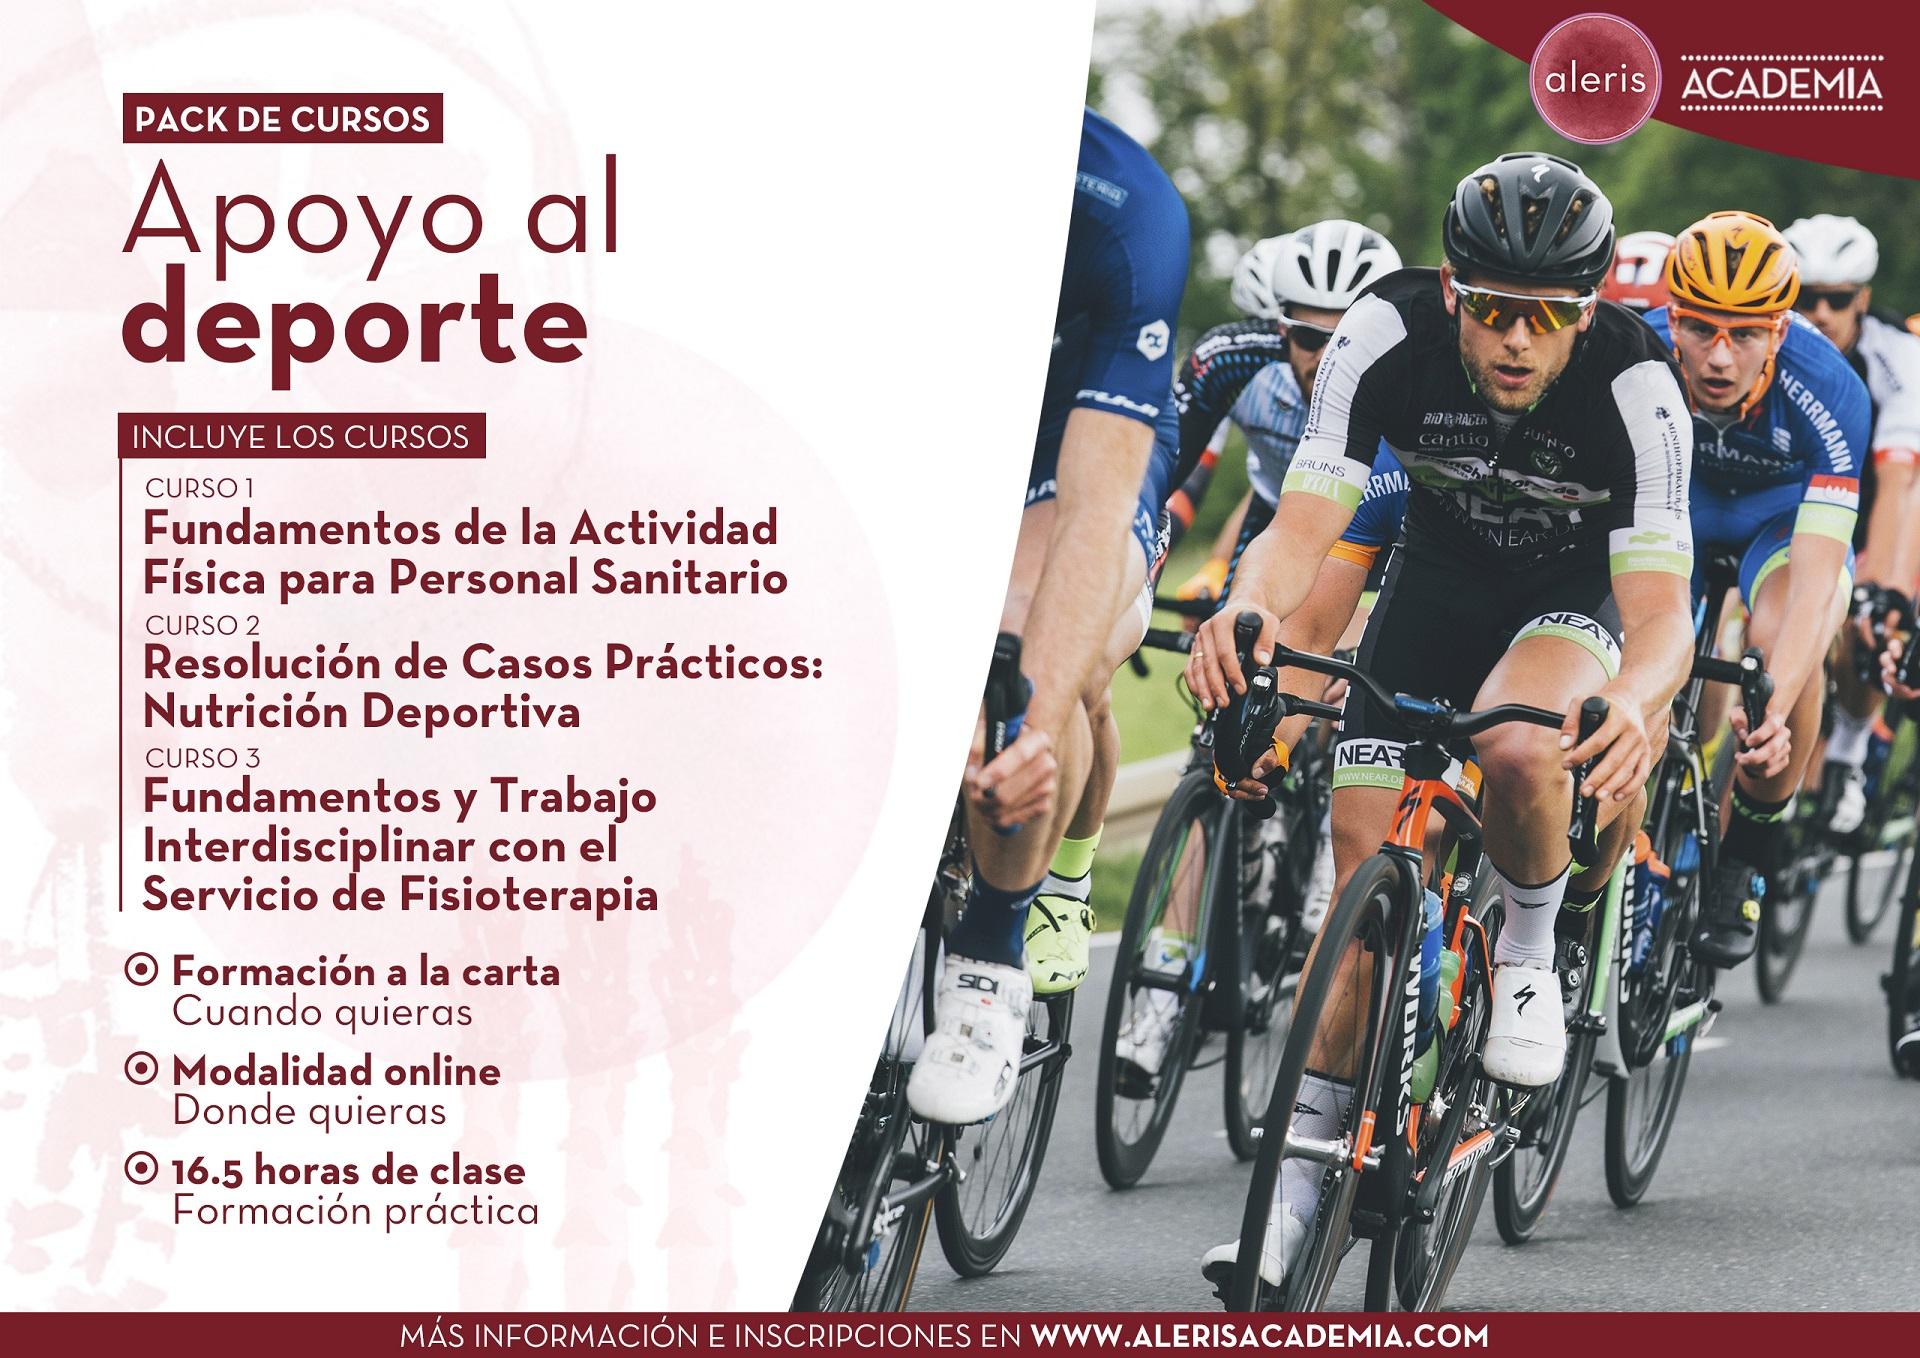 Pack de formación Apoyo al deporte